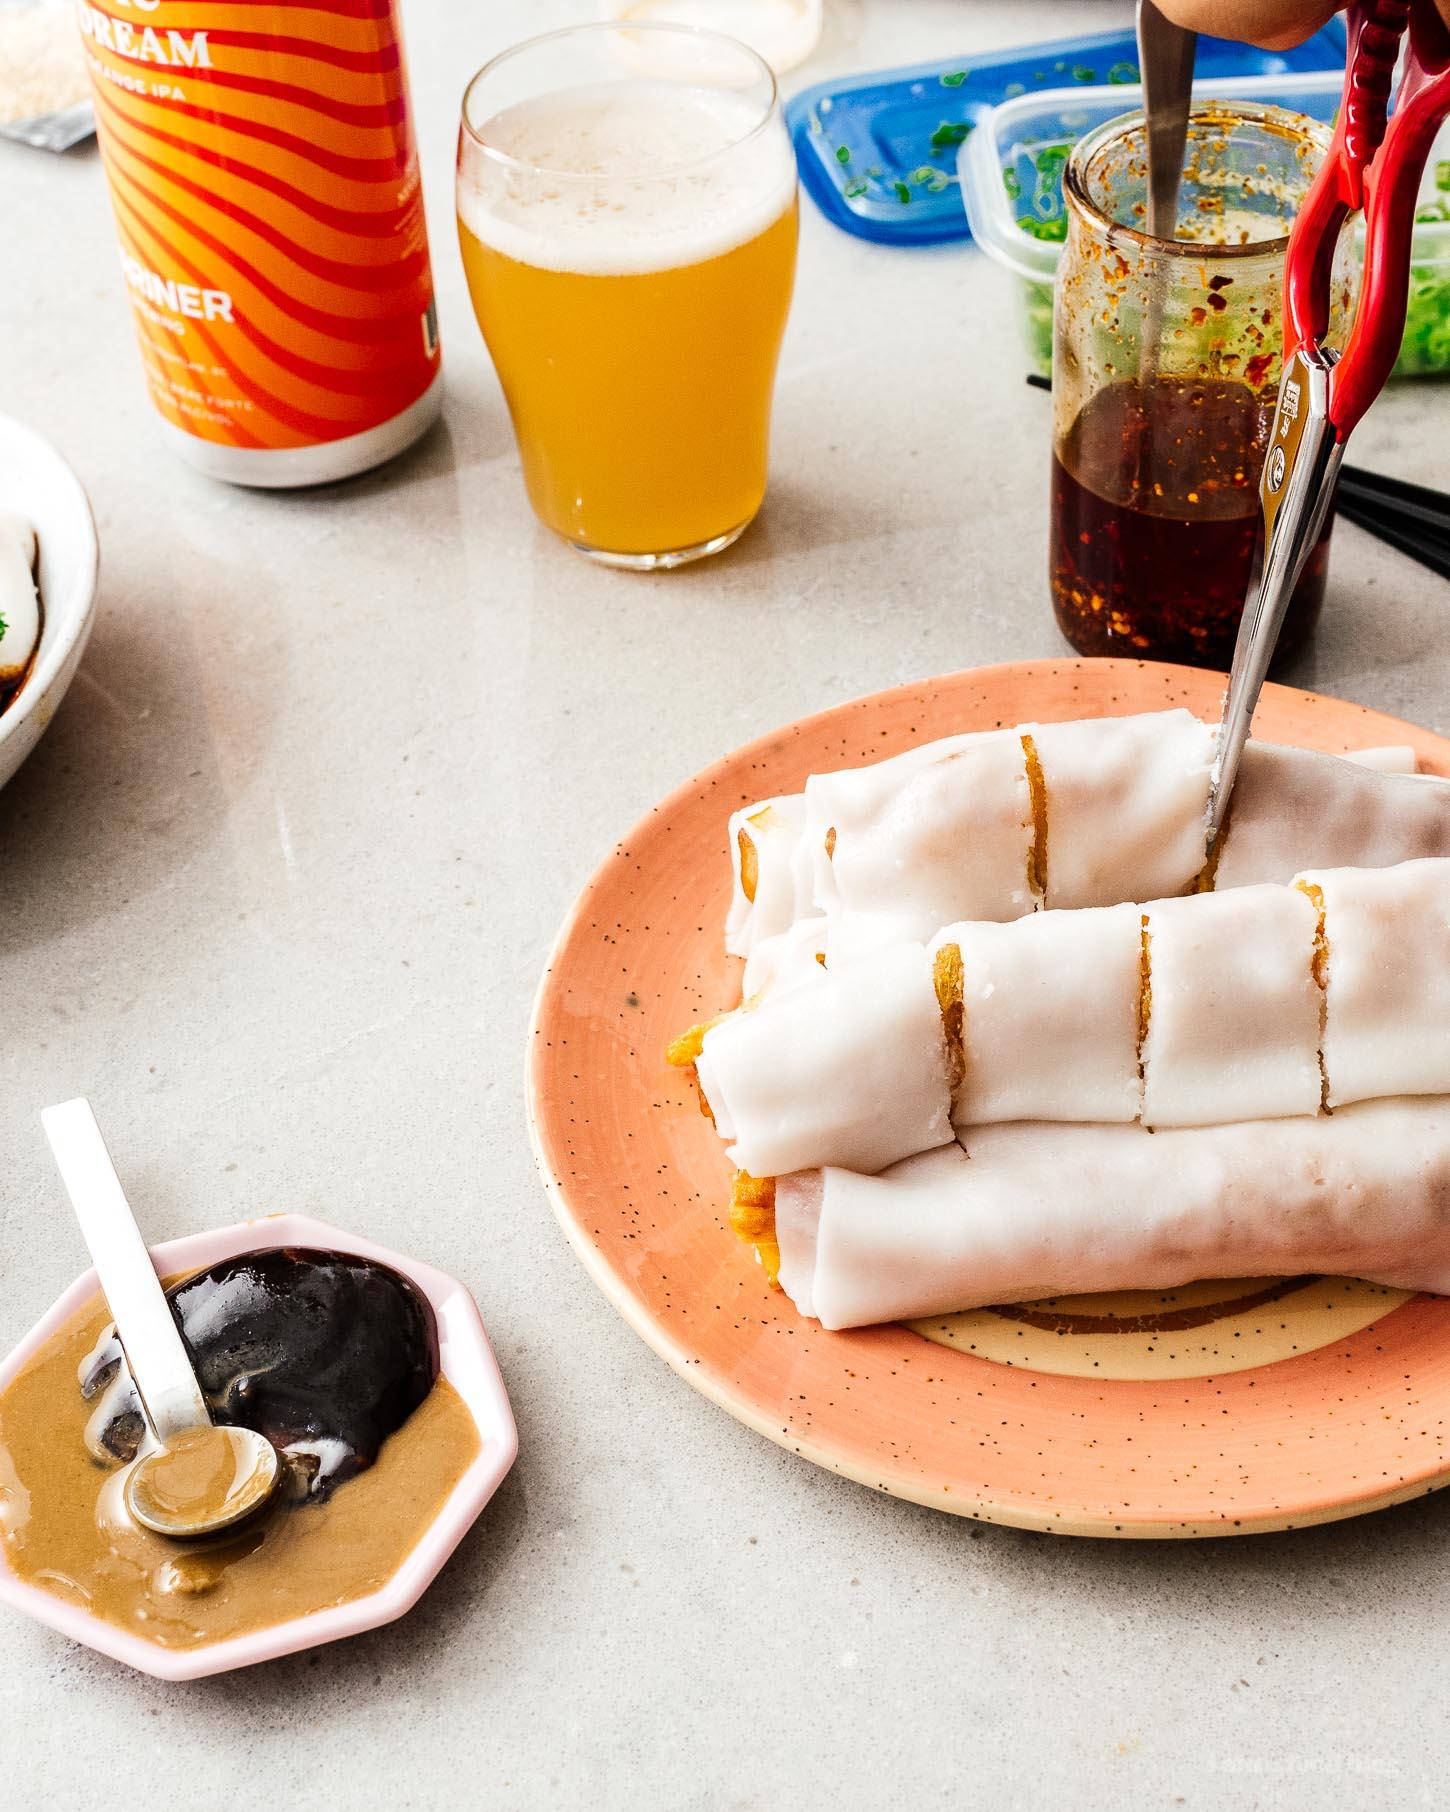 Zhaliang es un plato popular de dim sum de estilo cantonés hecho de cheung fun (hojas de fideos de arroz) envuelto alrededor de youtiao crujiente (masa frita china).  ¡Es muy sabroso y más fácil de hacer de lo que piensas en casa!  #comida china # receta #dimsum #zhaliang